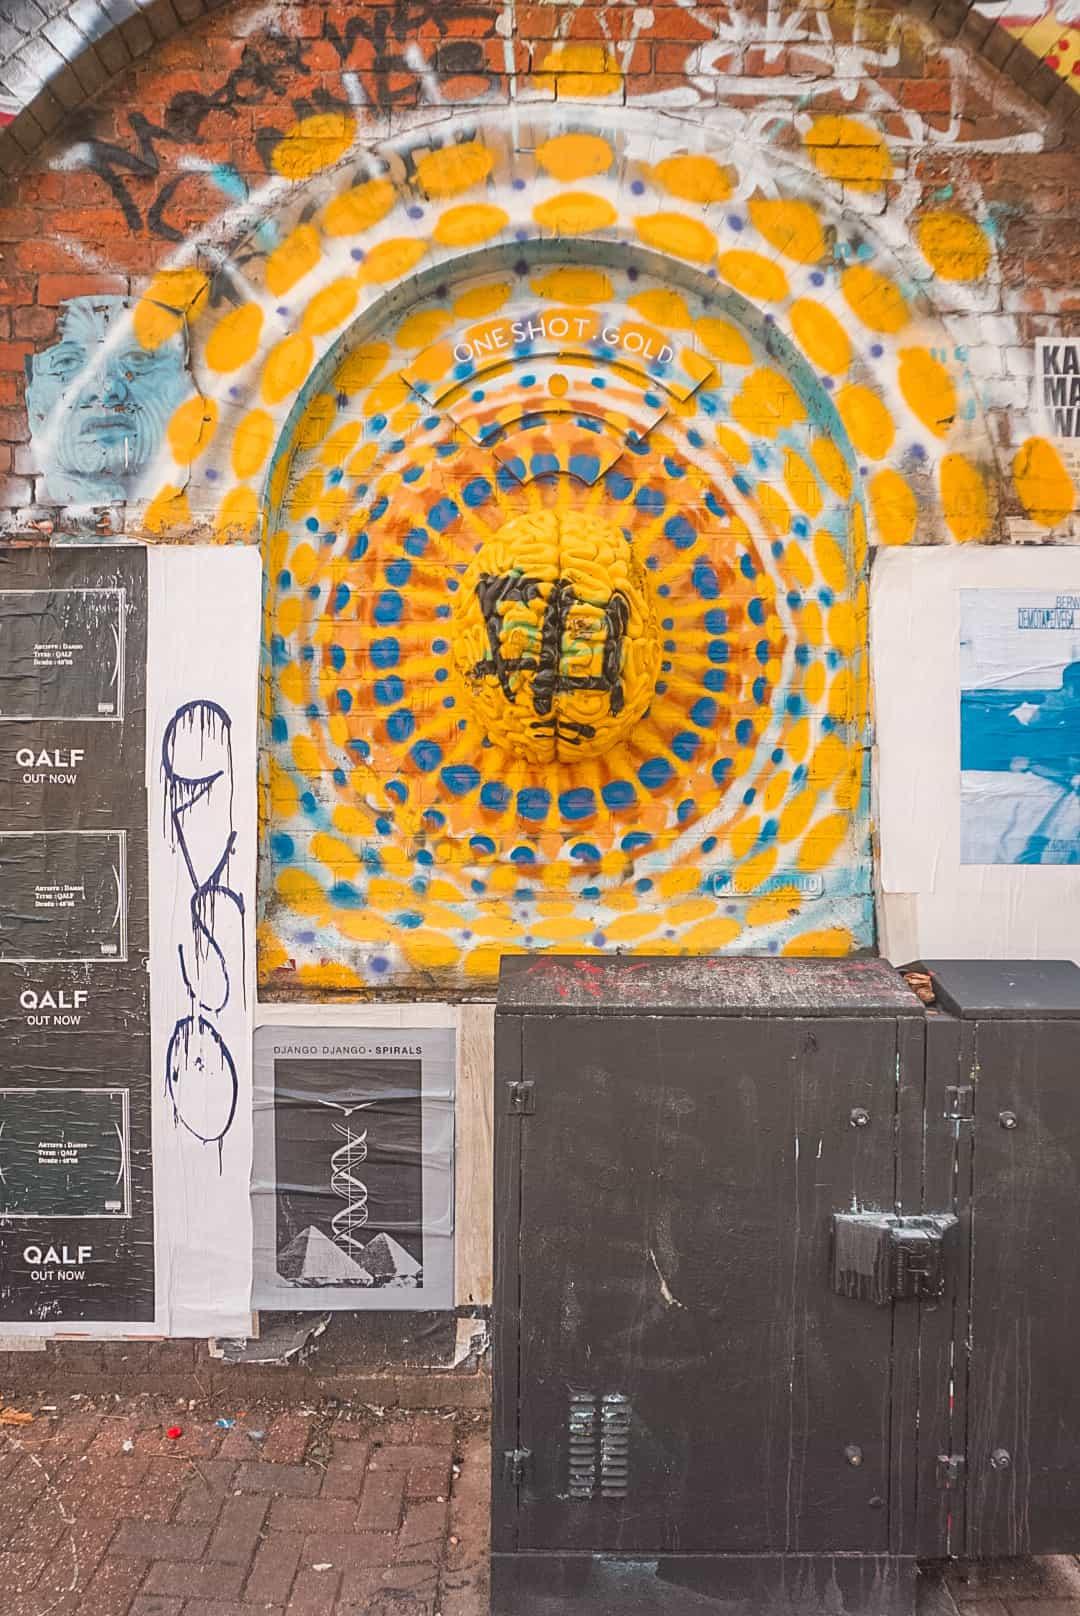 Shoreditch-High-Street-Street-Art